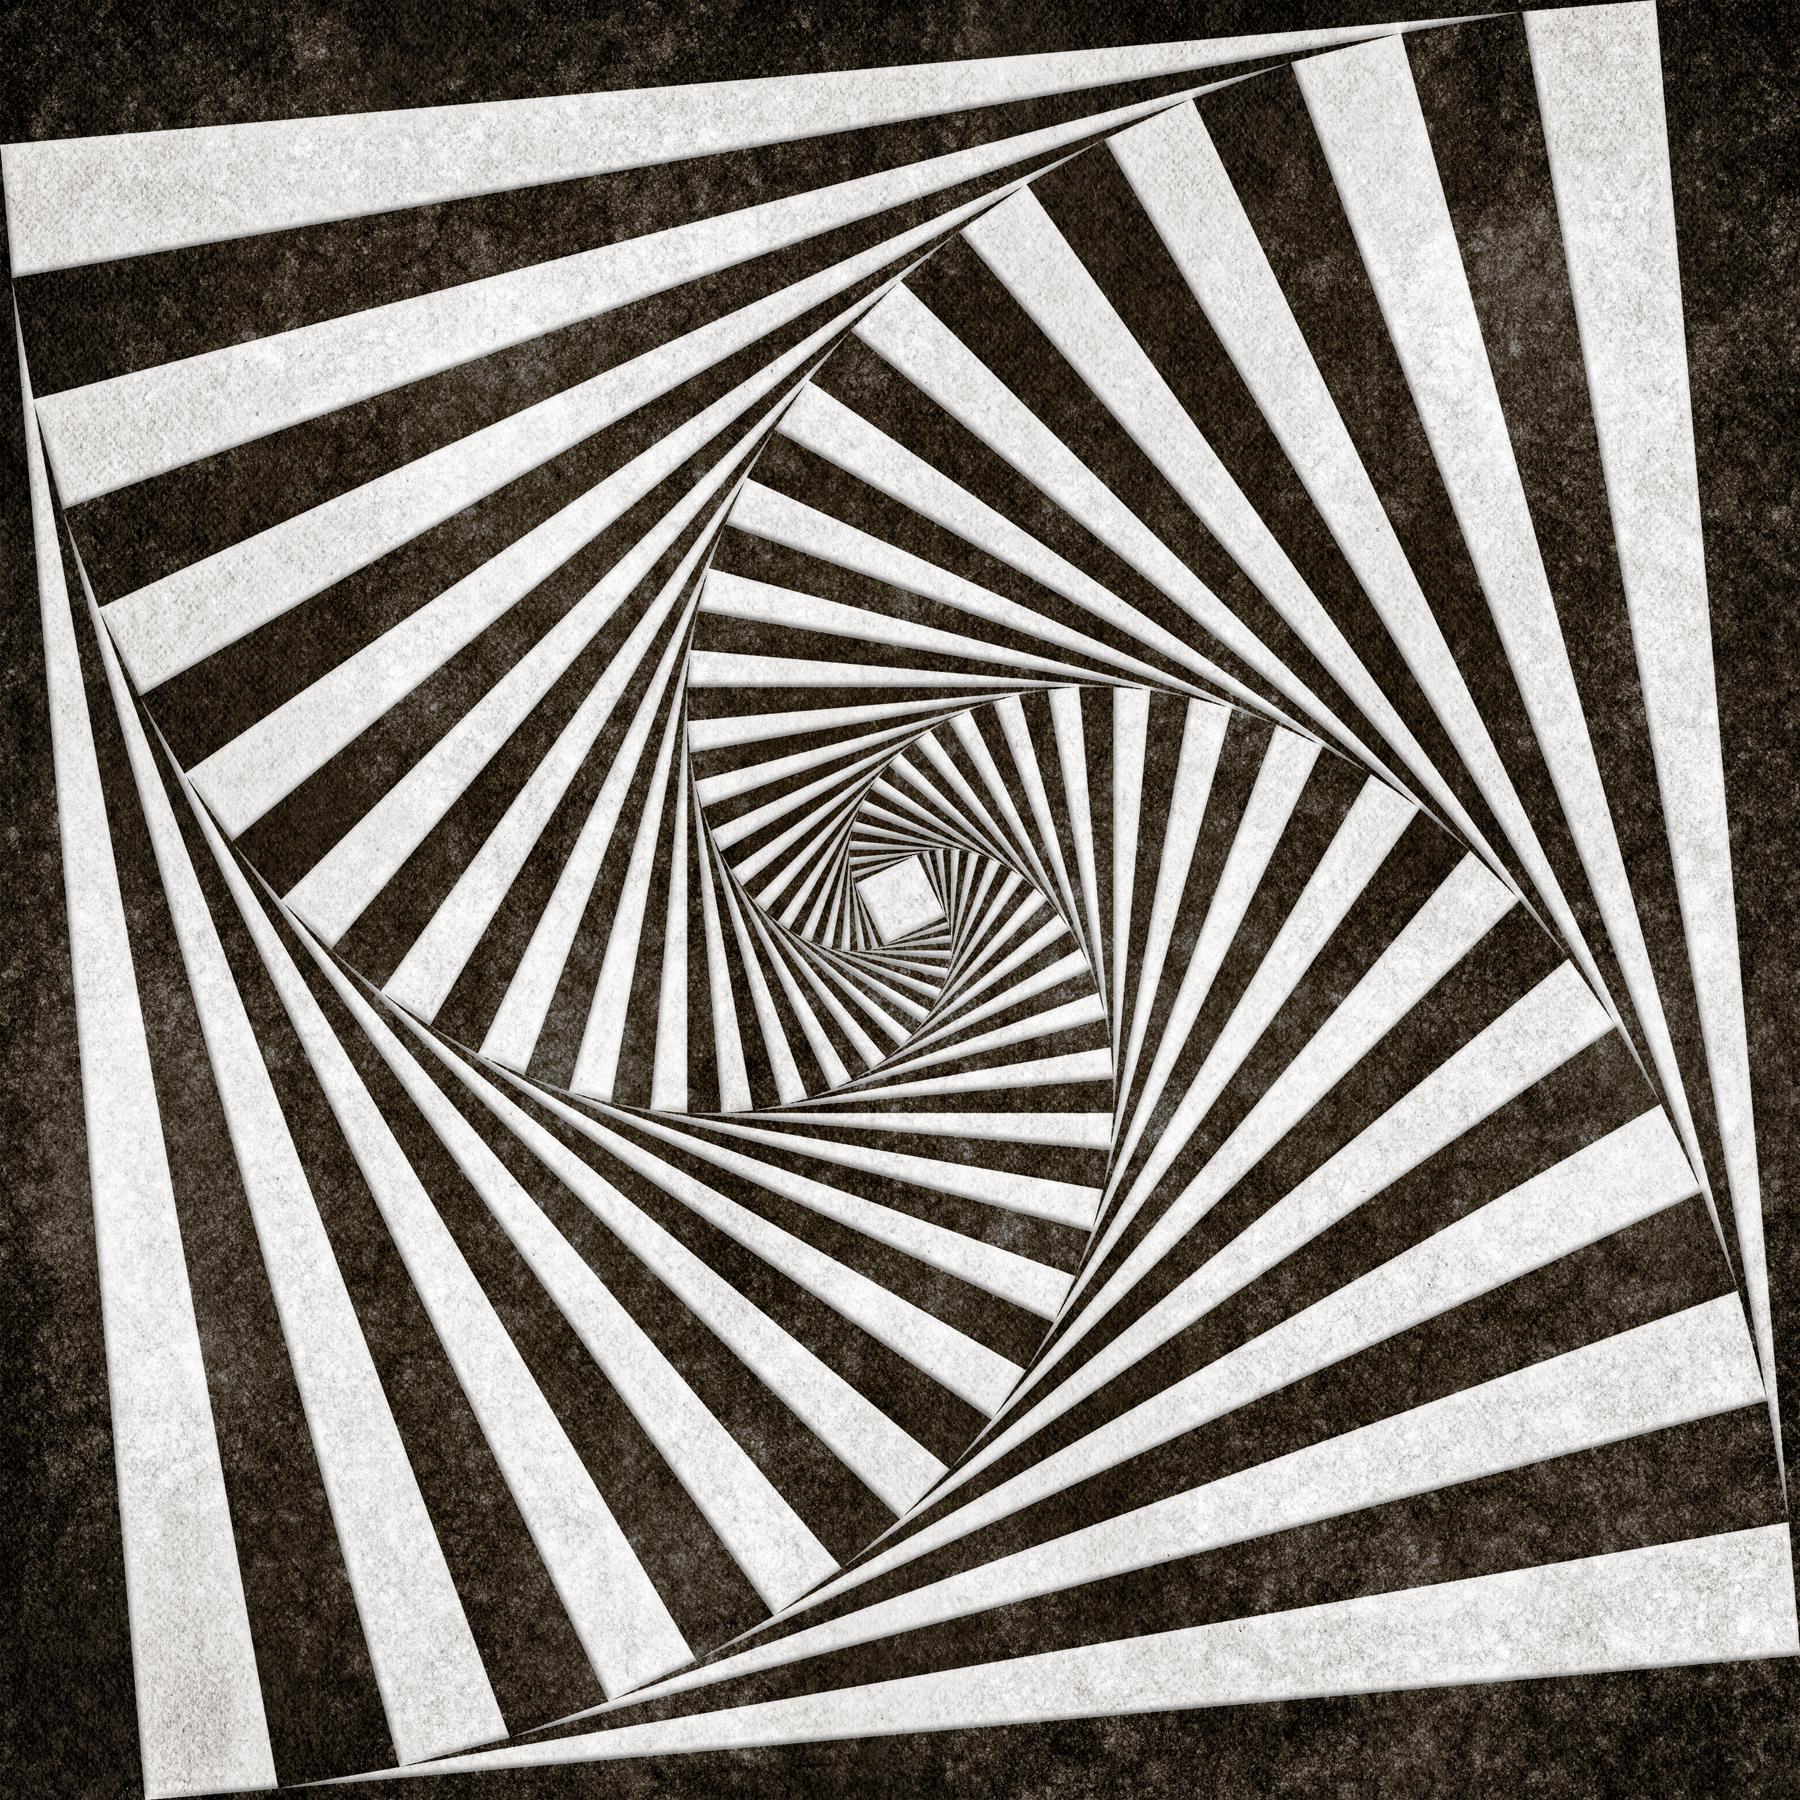 Spiral tunnel grunge photo